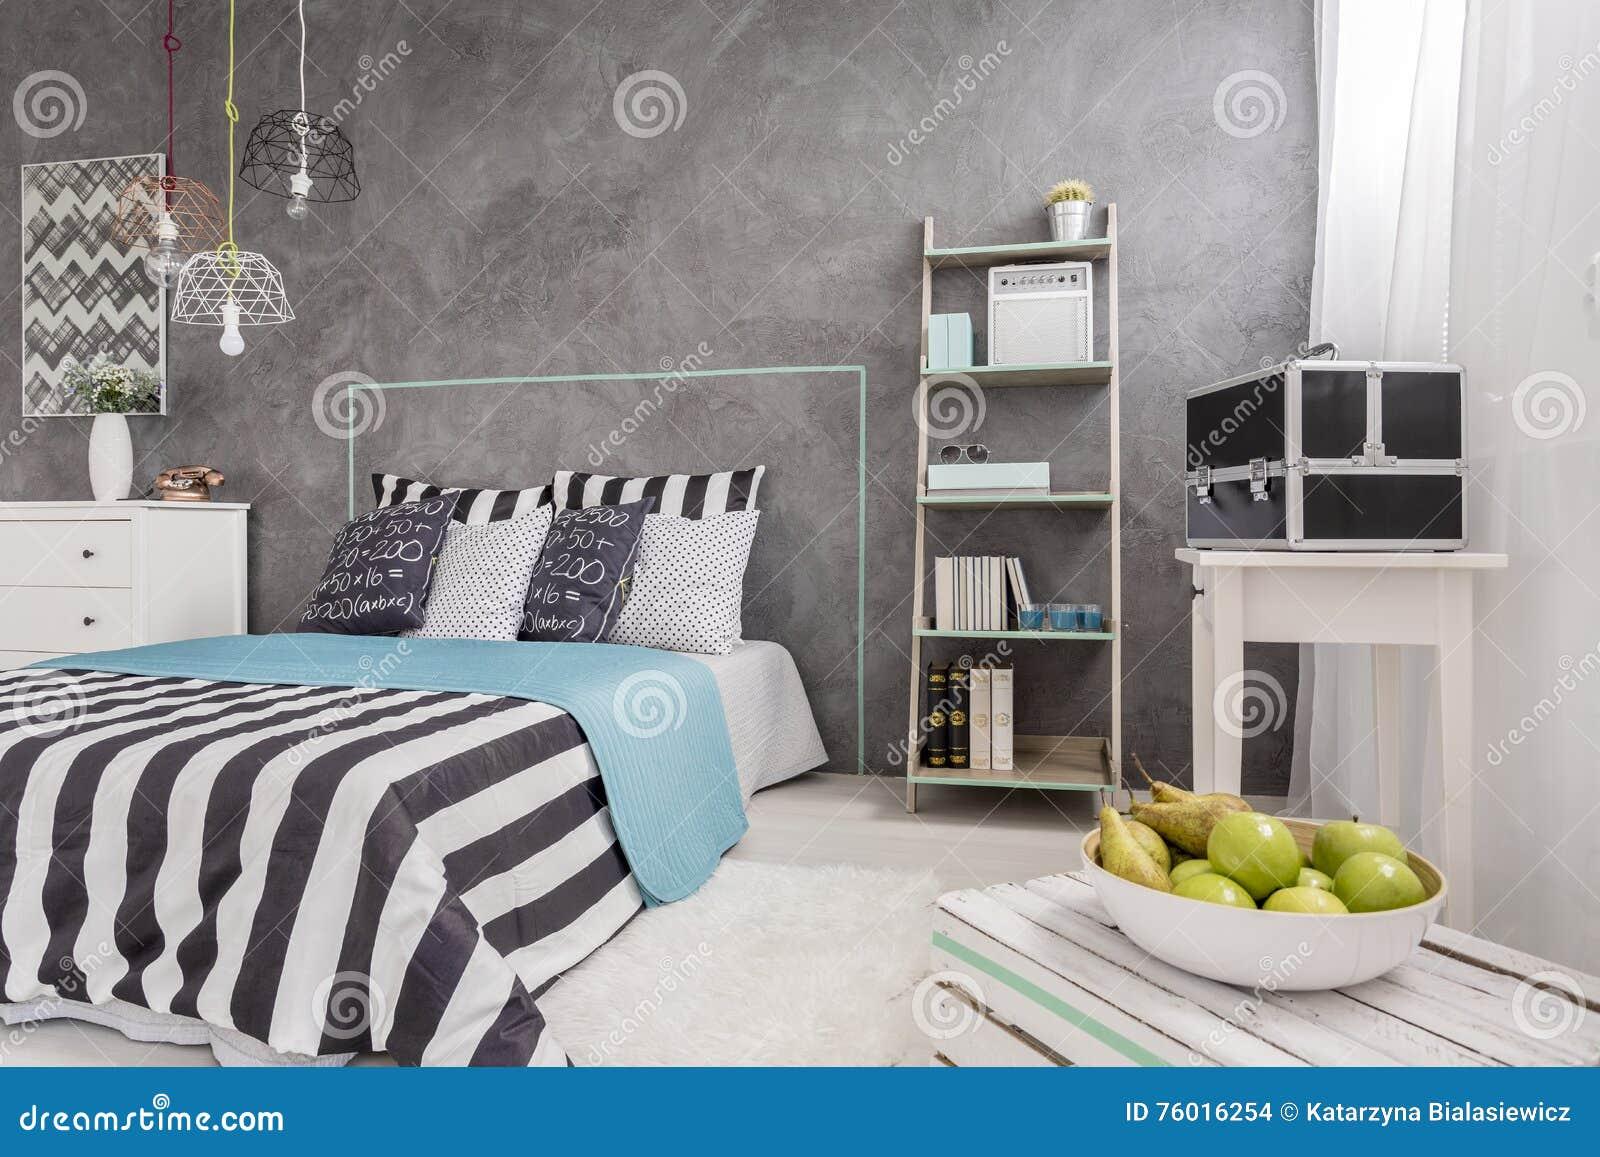 Modna Sypialnia Z Nowym ściennym Kona Pomysłem Zdjęcie Stock - Obraz: 76016254